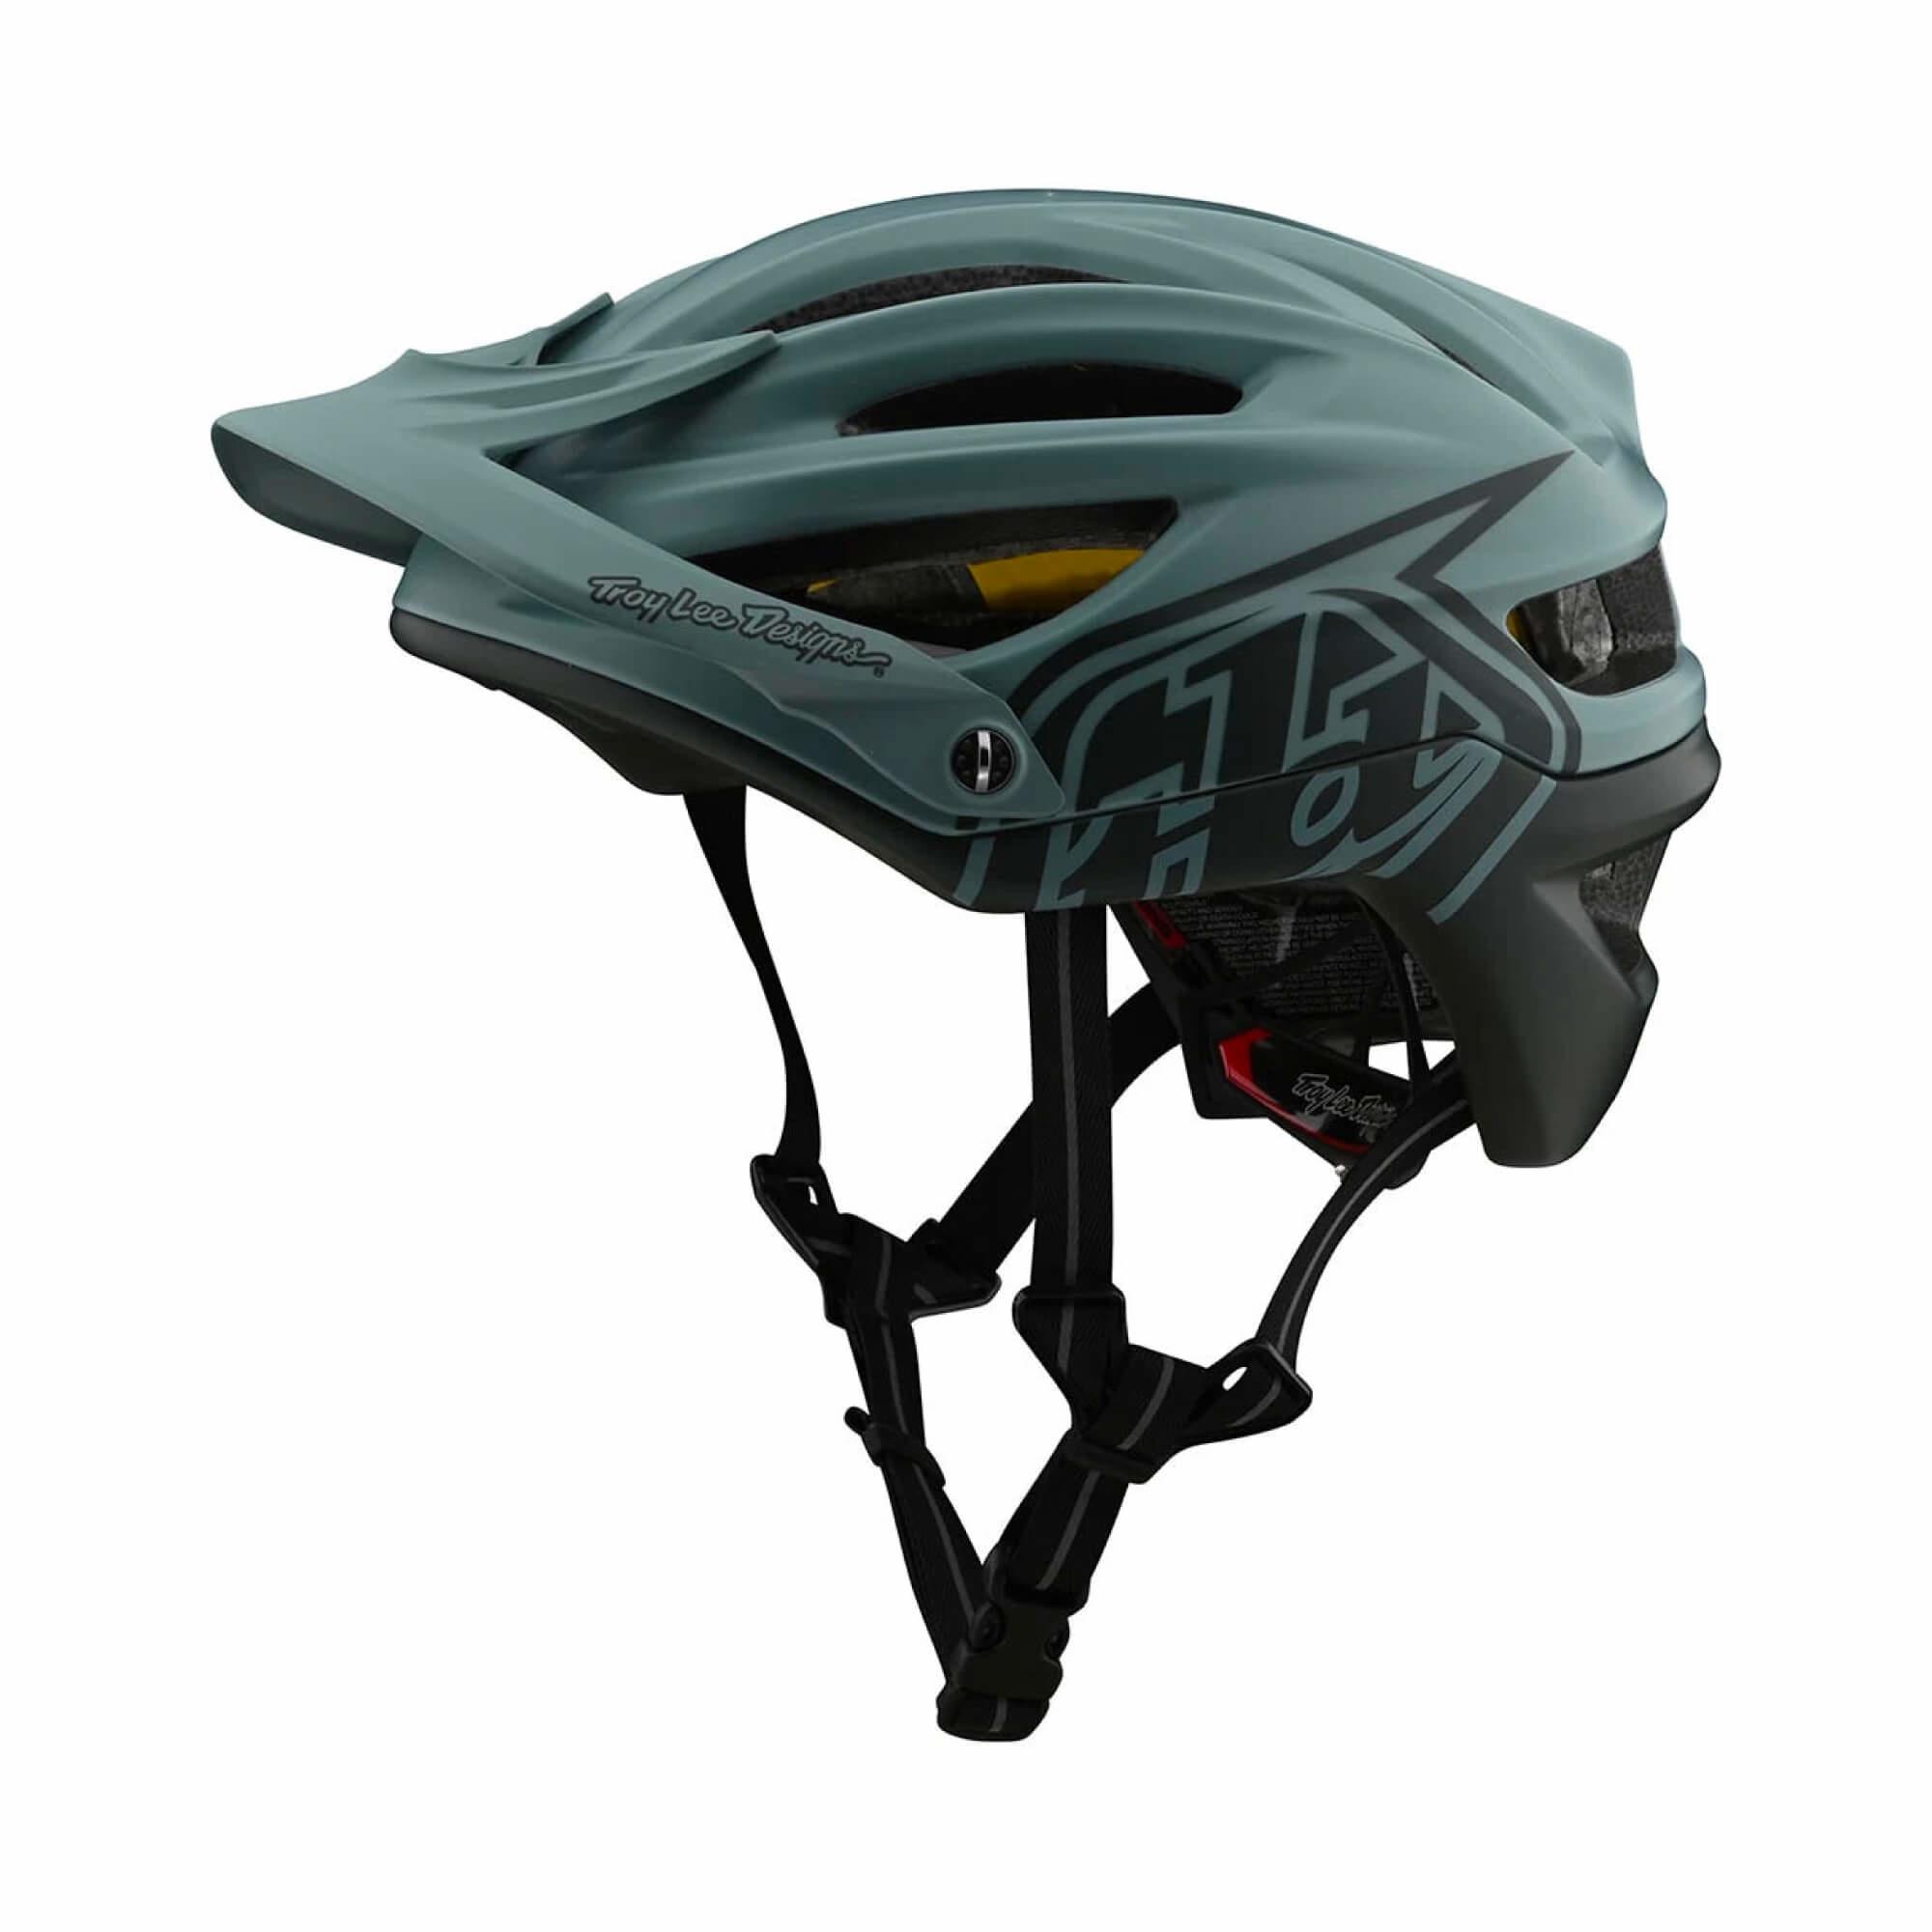 ER A2 As Mips Helmet 21-4